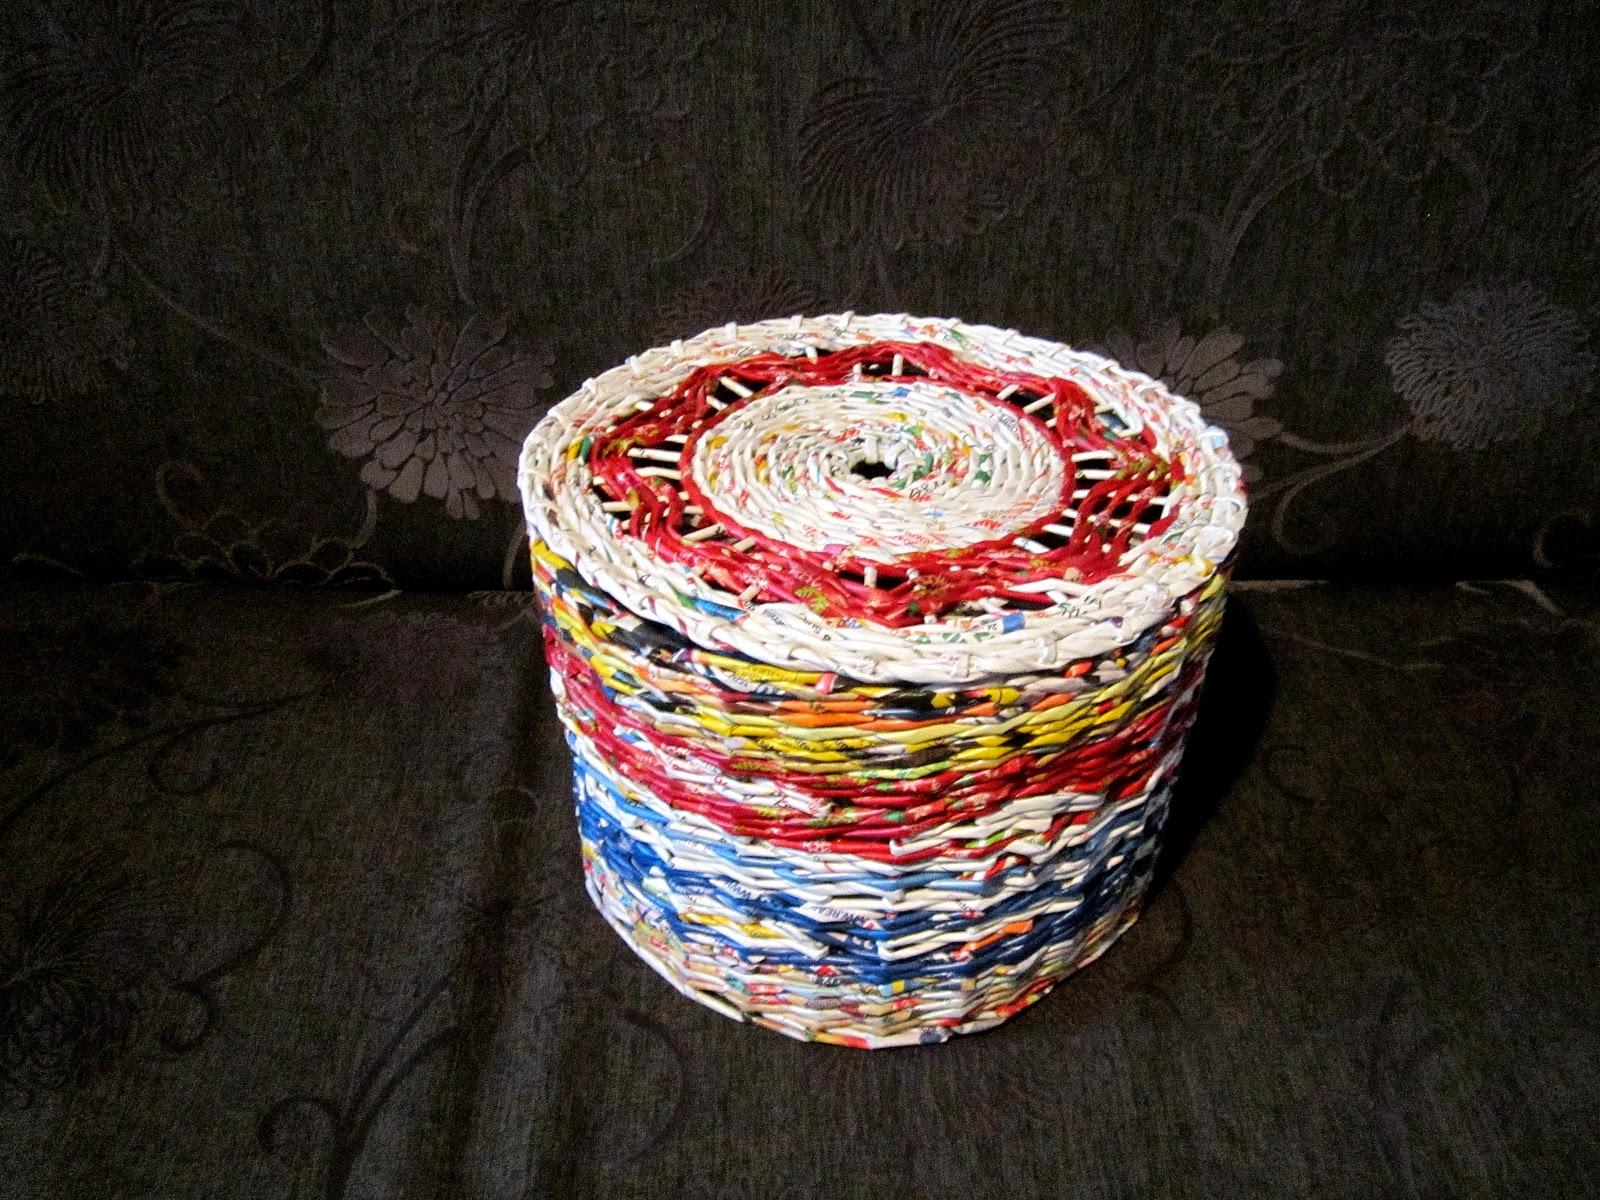 Okrągły z falami i ażurami